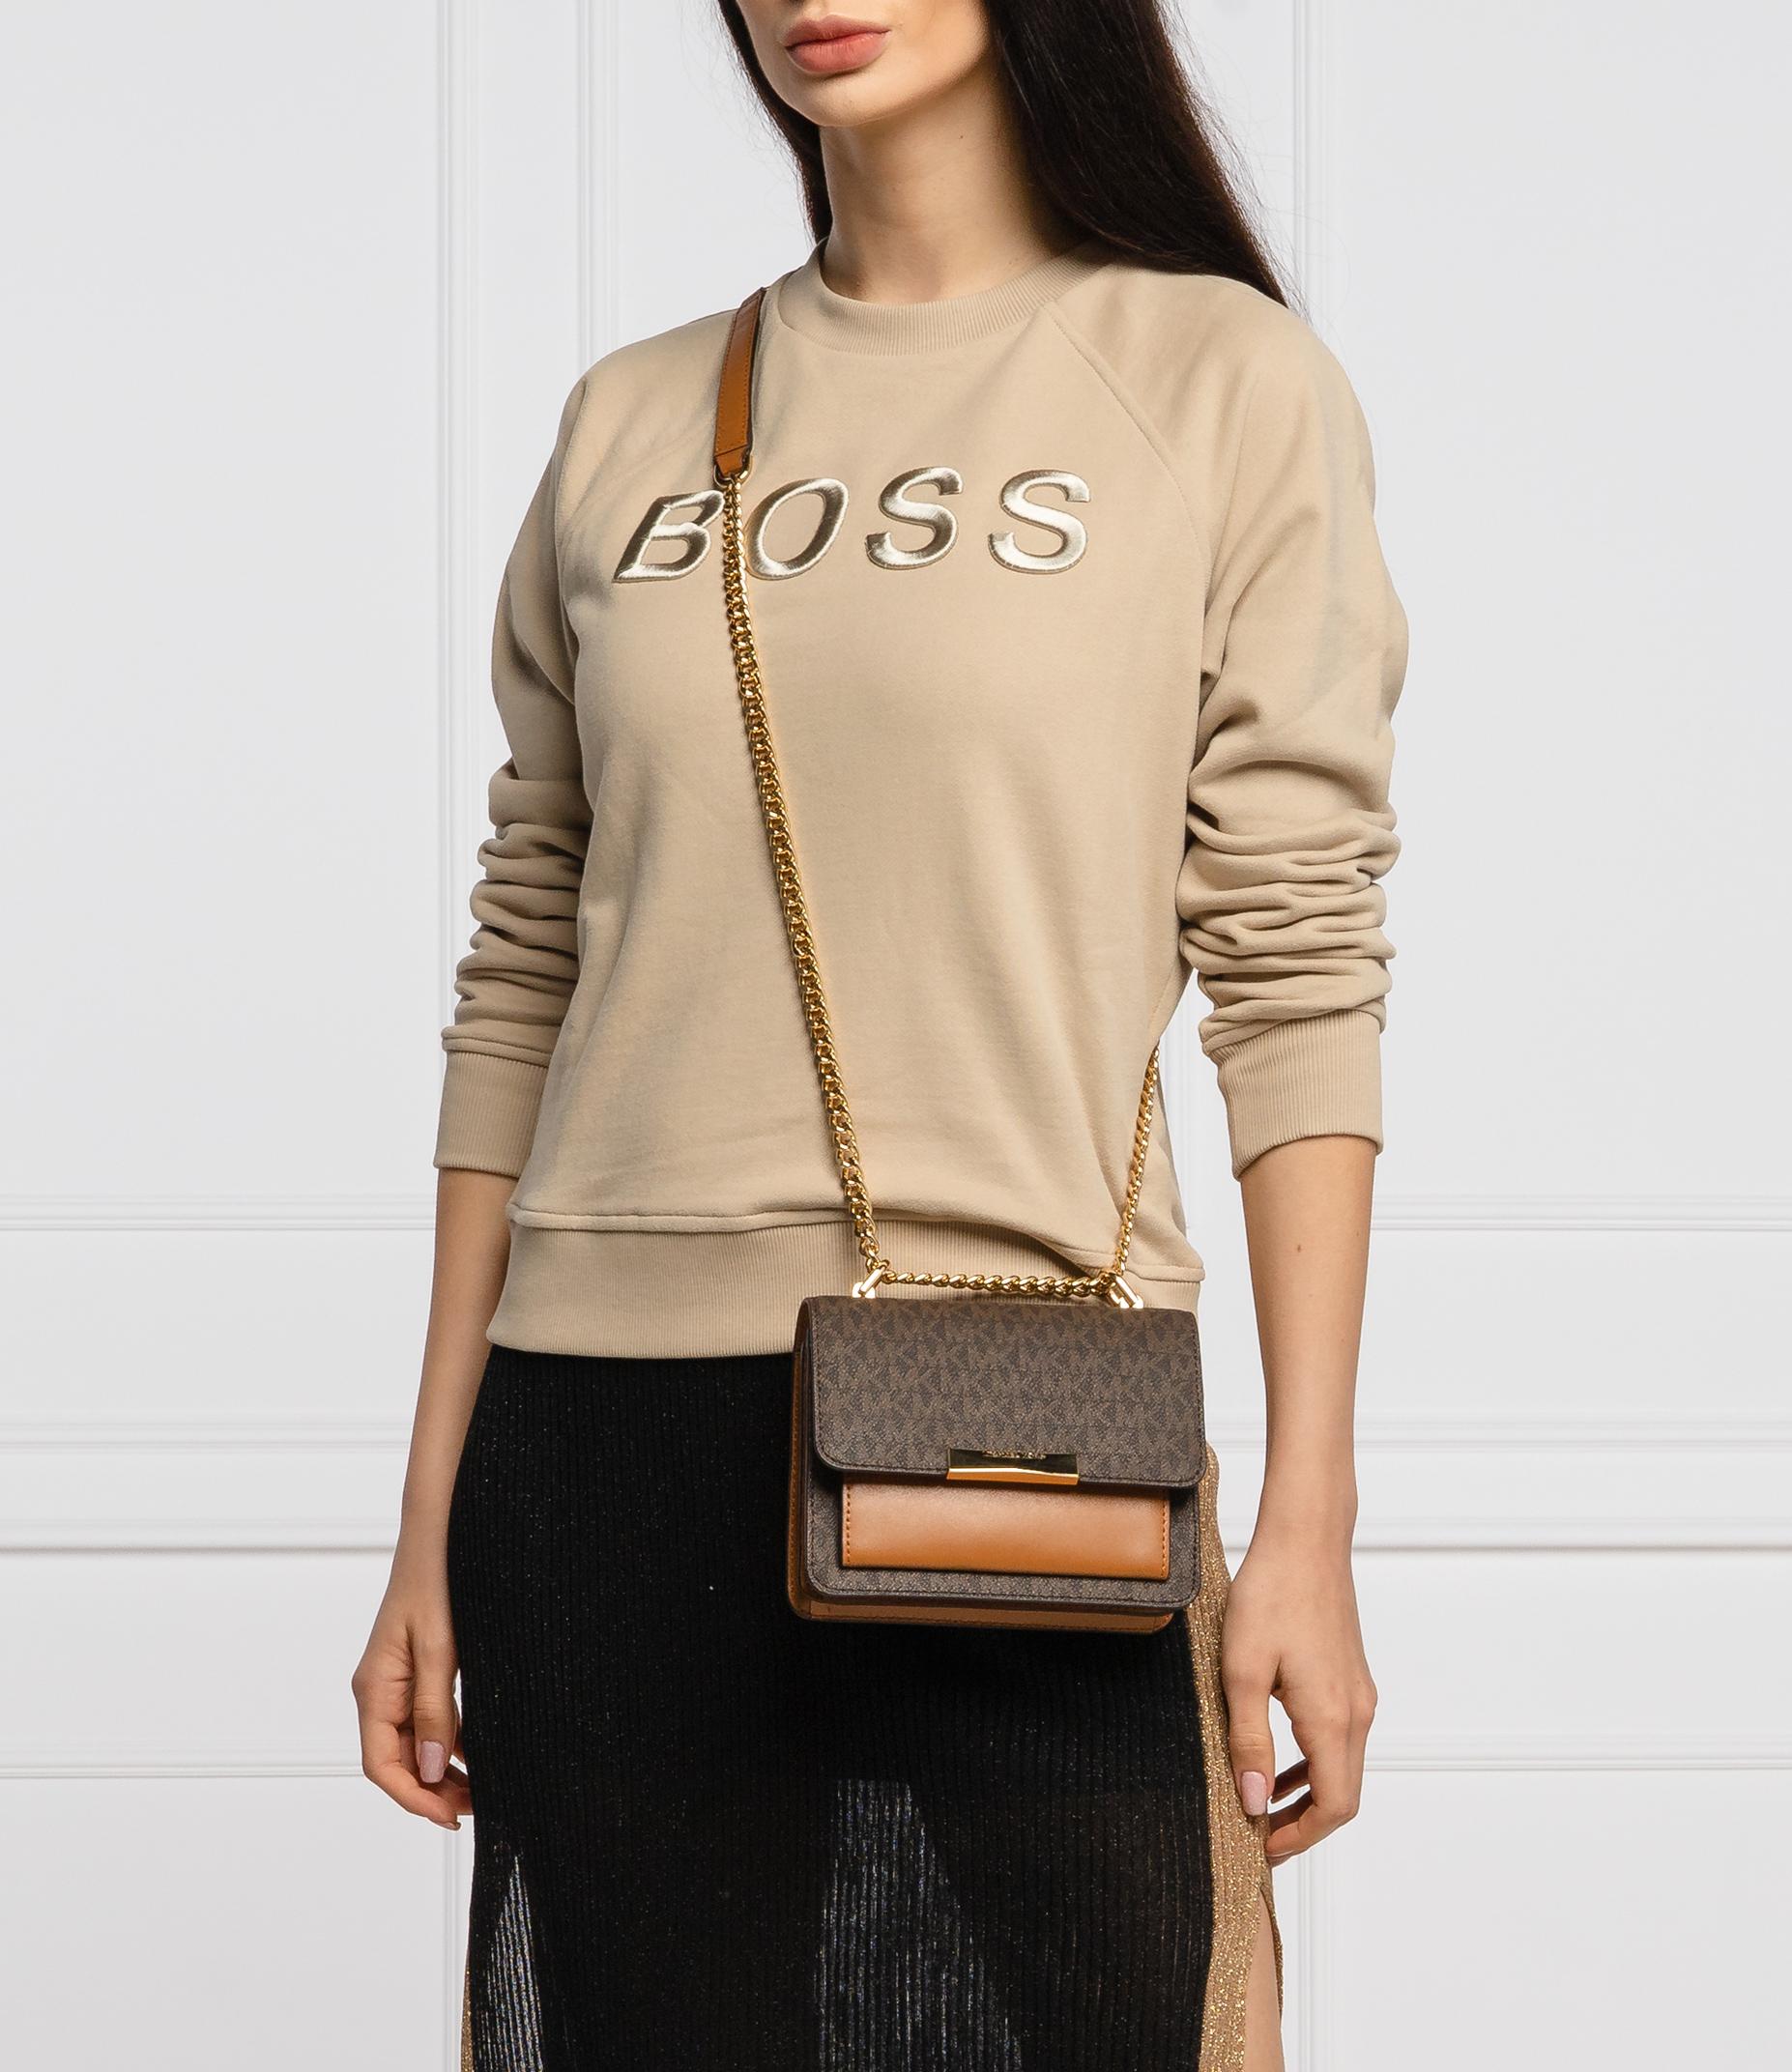 Túi xách Michael Kors hàng hiệu authentic Jade XS Suggest Crossbody Bag, túi xách MK nữ đeo chéo màu nâu, túi xách MK chính hãng dự tiệc giành cho nữ, túi xách michael kors nữ đeo chéo sành điệu, túi xách MK đeo vai màu nâu